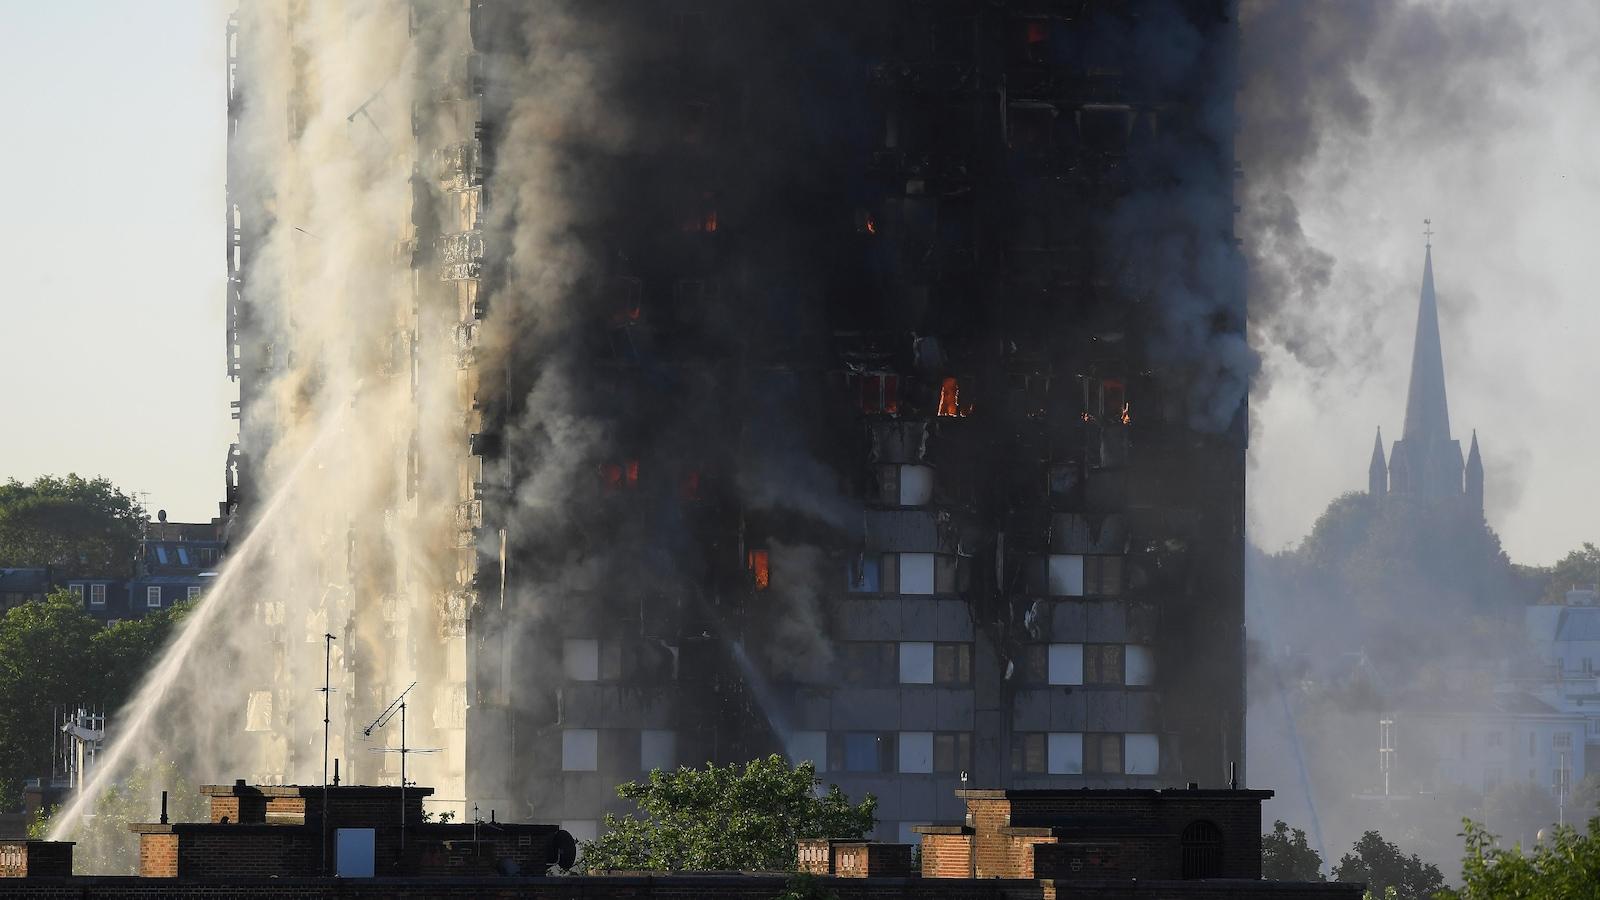 Beaucoup de fumée se dégage de la tour d'habitation.